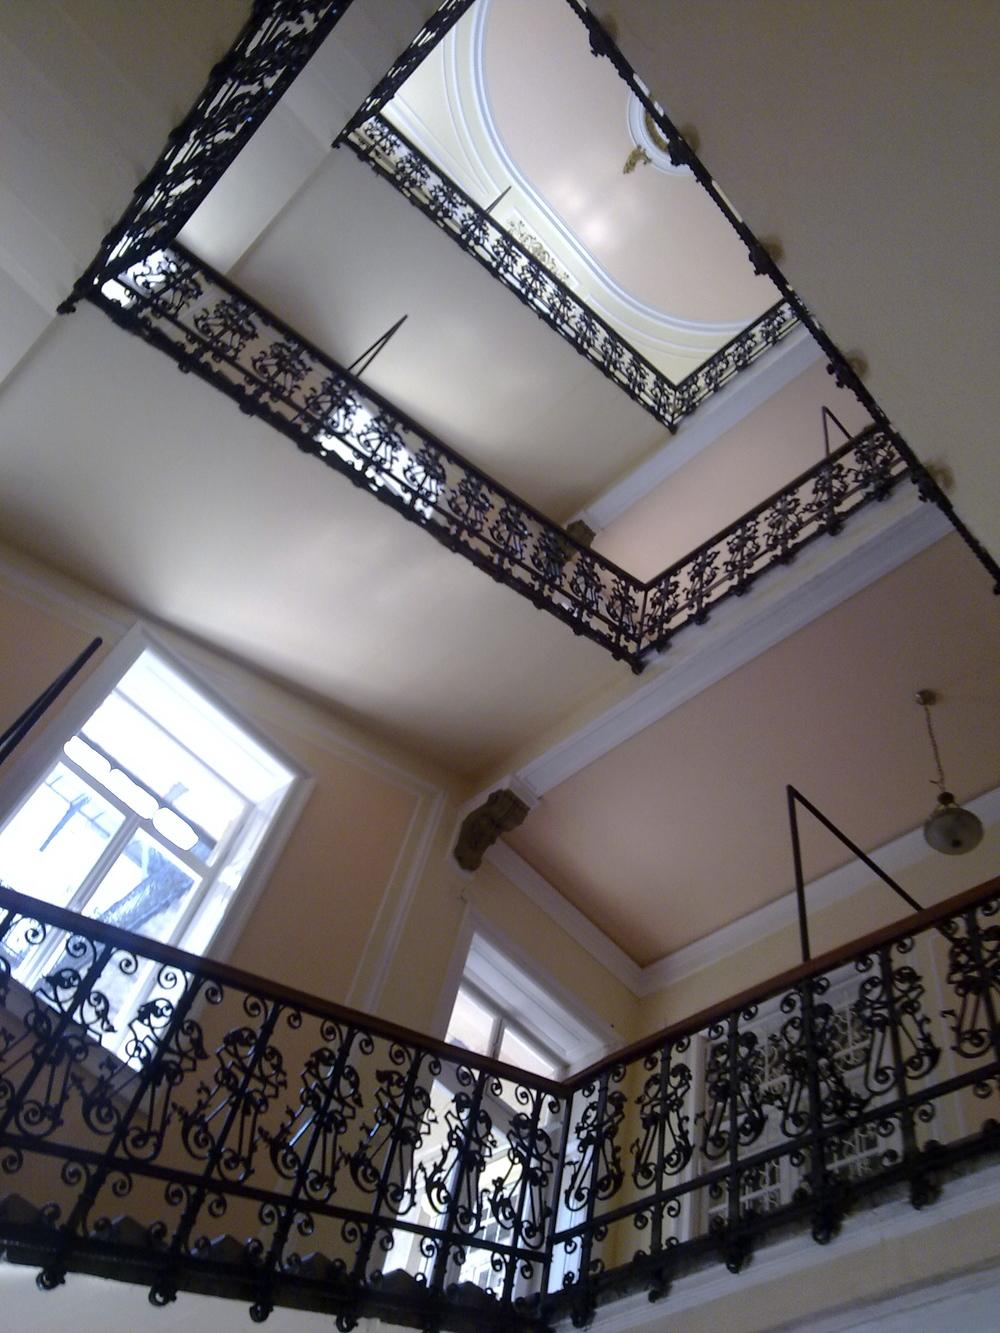 024stairway24.jpg